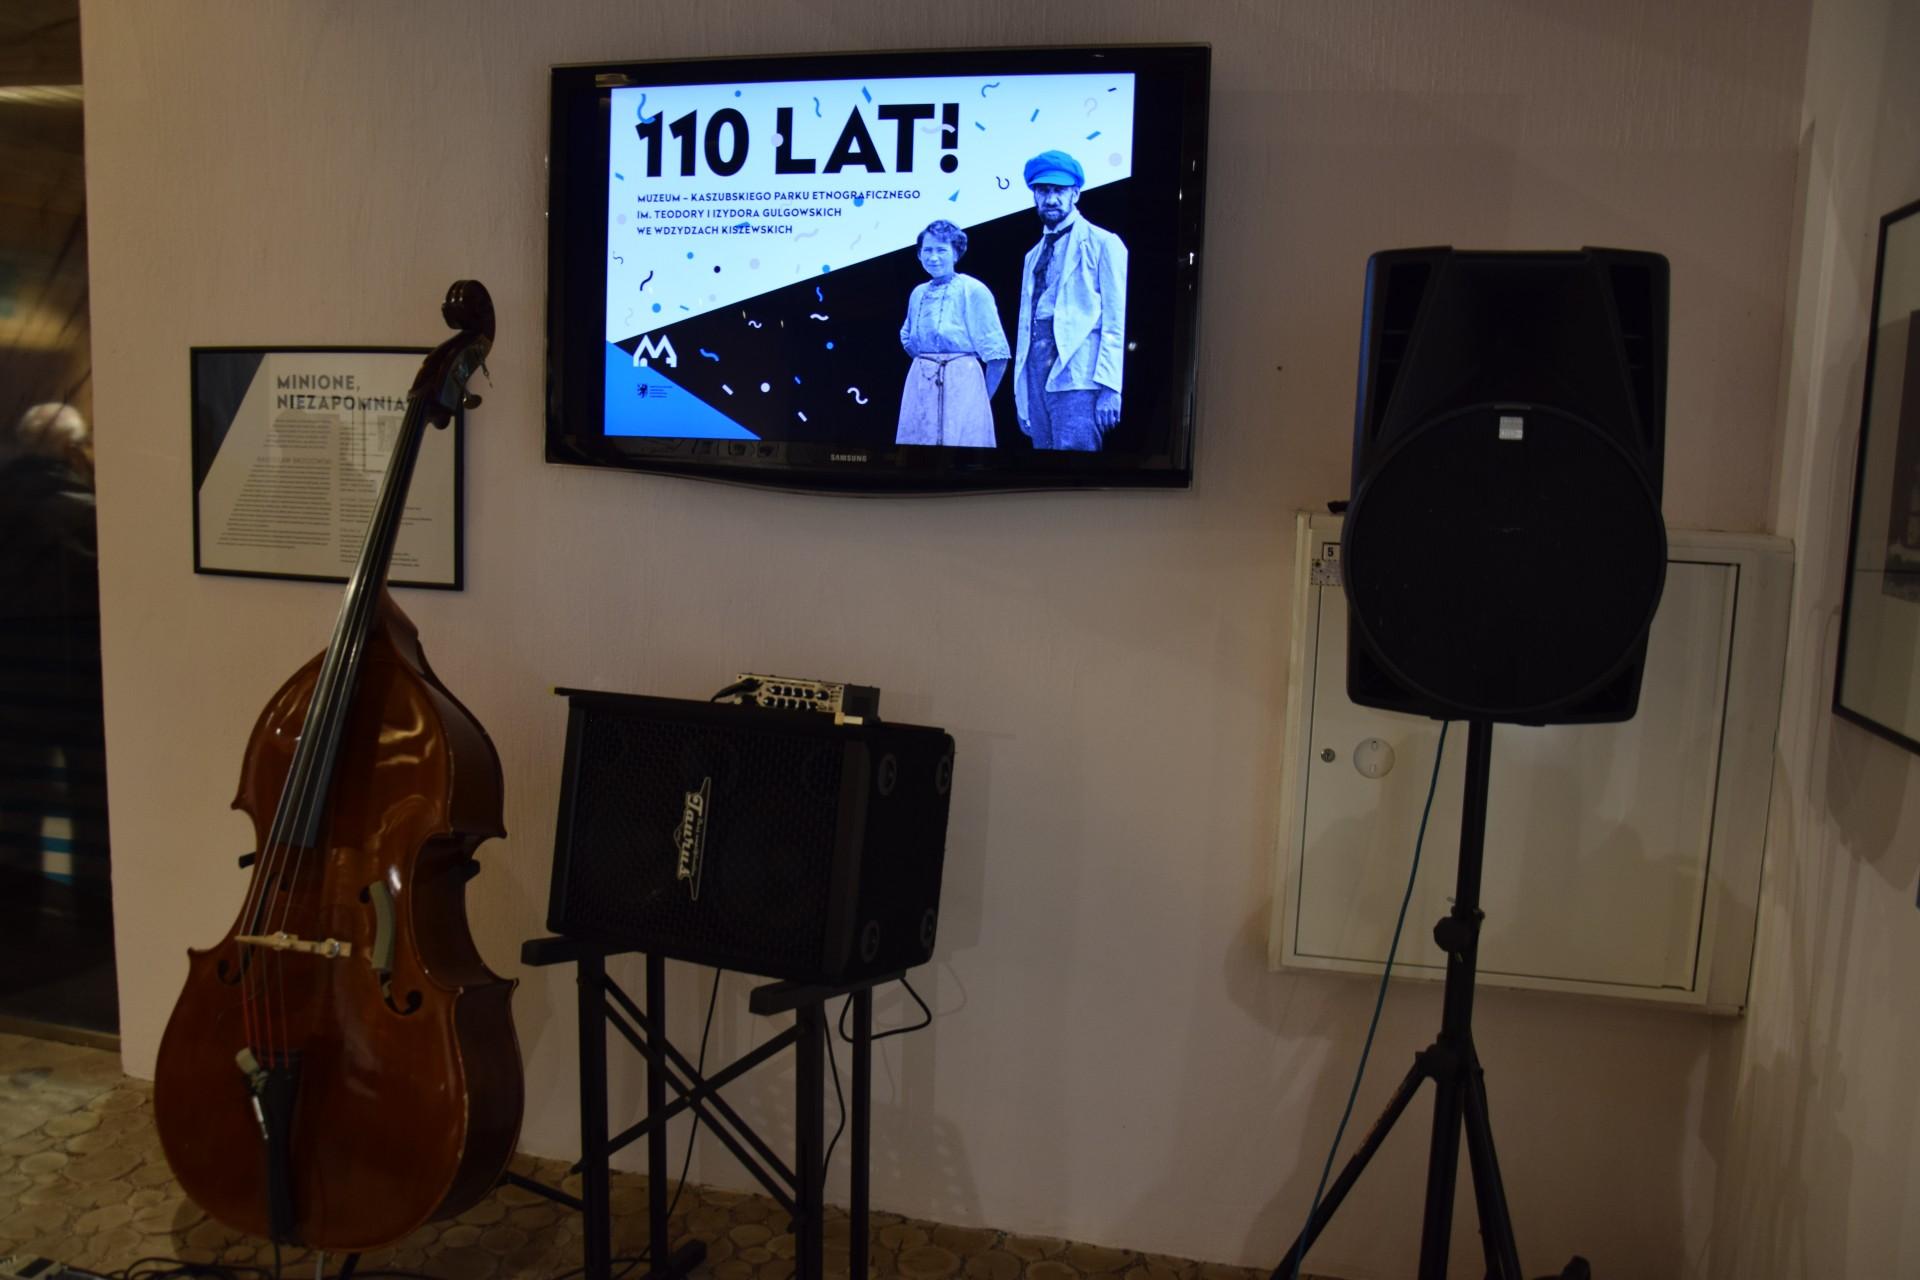 4 grudnia 2016 roku w Skansenie we Wdzydzach obchodzono 110-lecie istnienia muzeum. Odbył sie koncert duetu Szamburski/Walicki. Fot. Tomasz Słomczyński/Magazyn Kaszuby